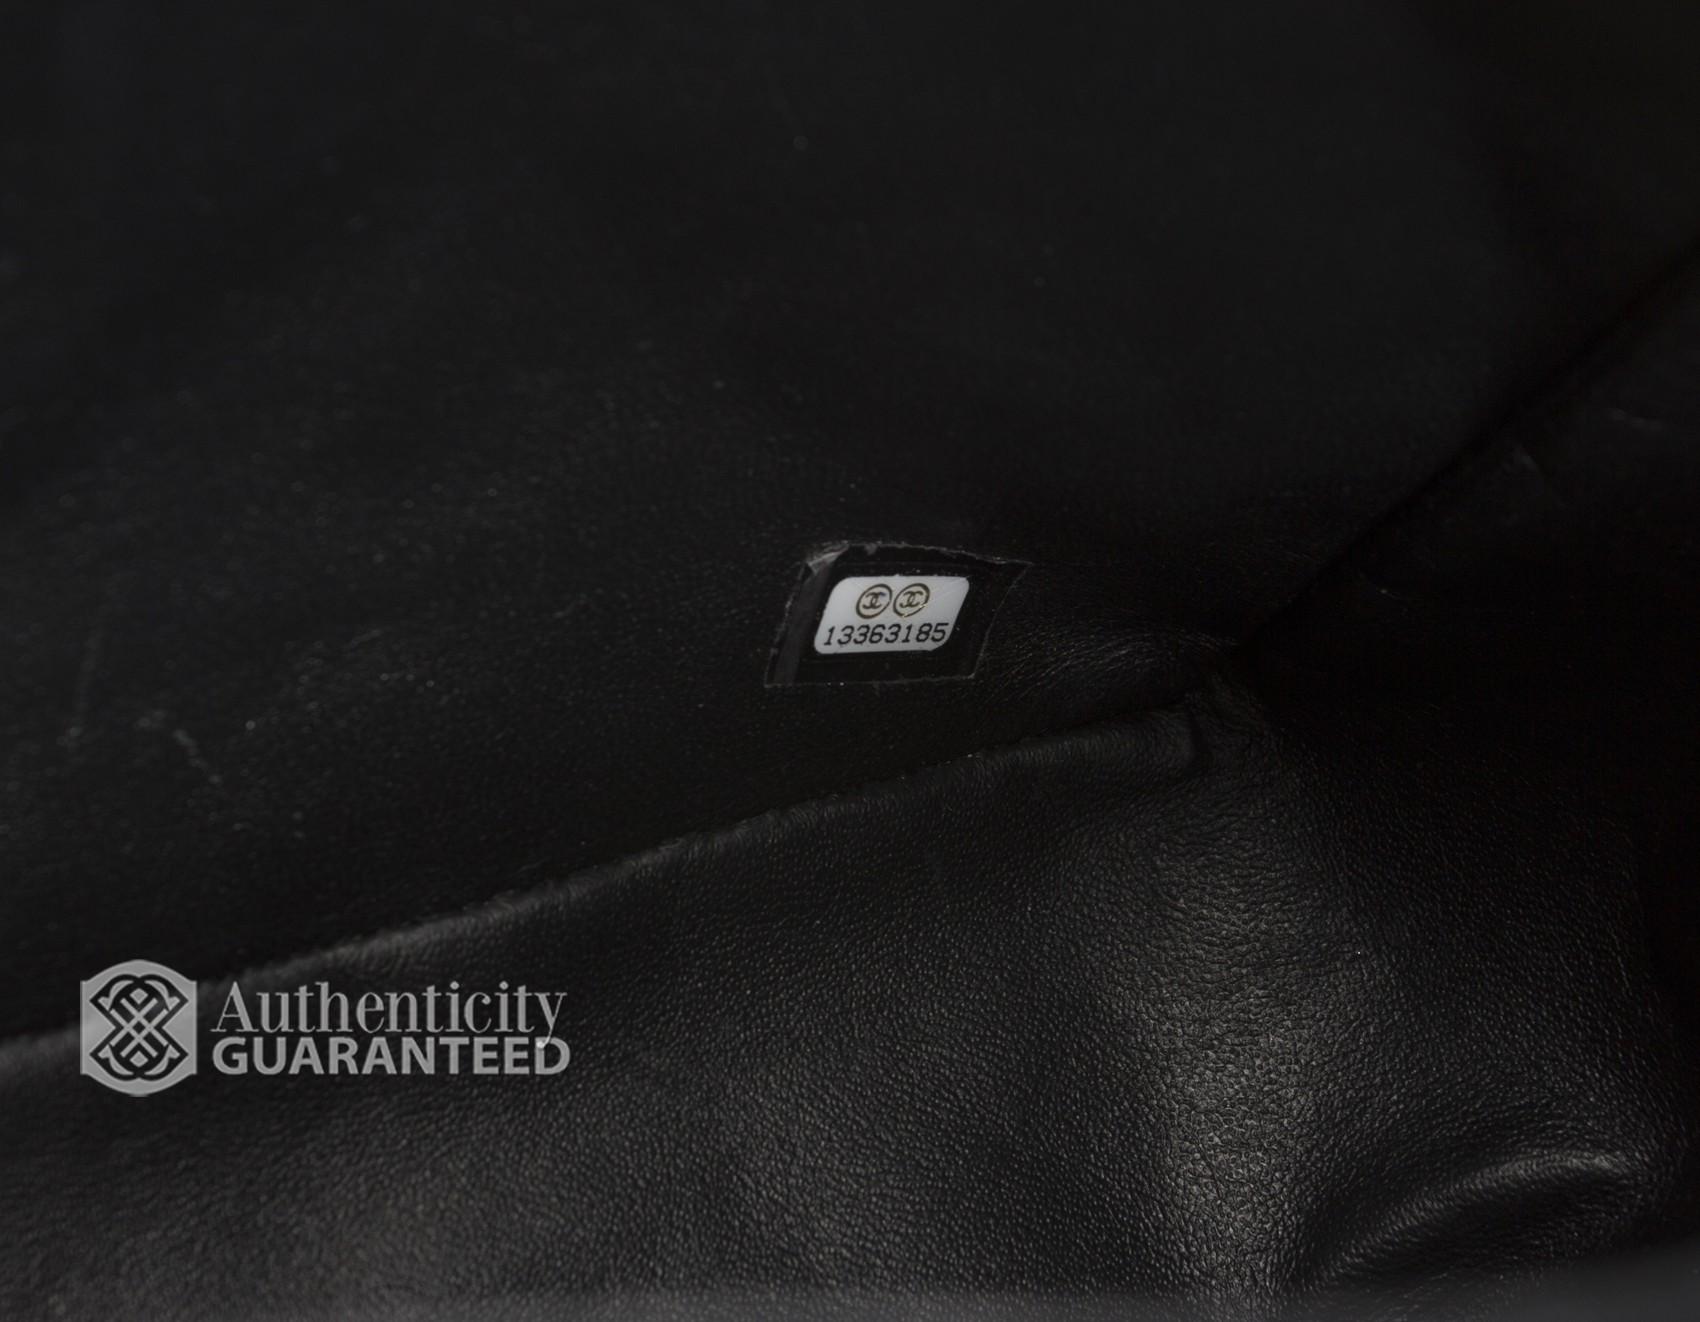 Chanel Black Caviar Maxi Flap Bag